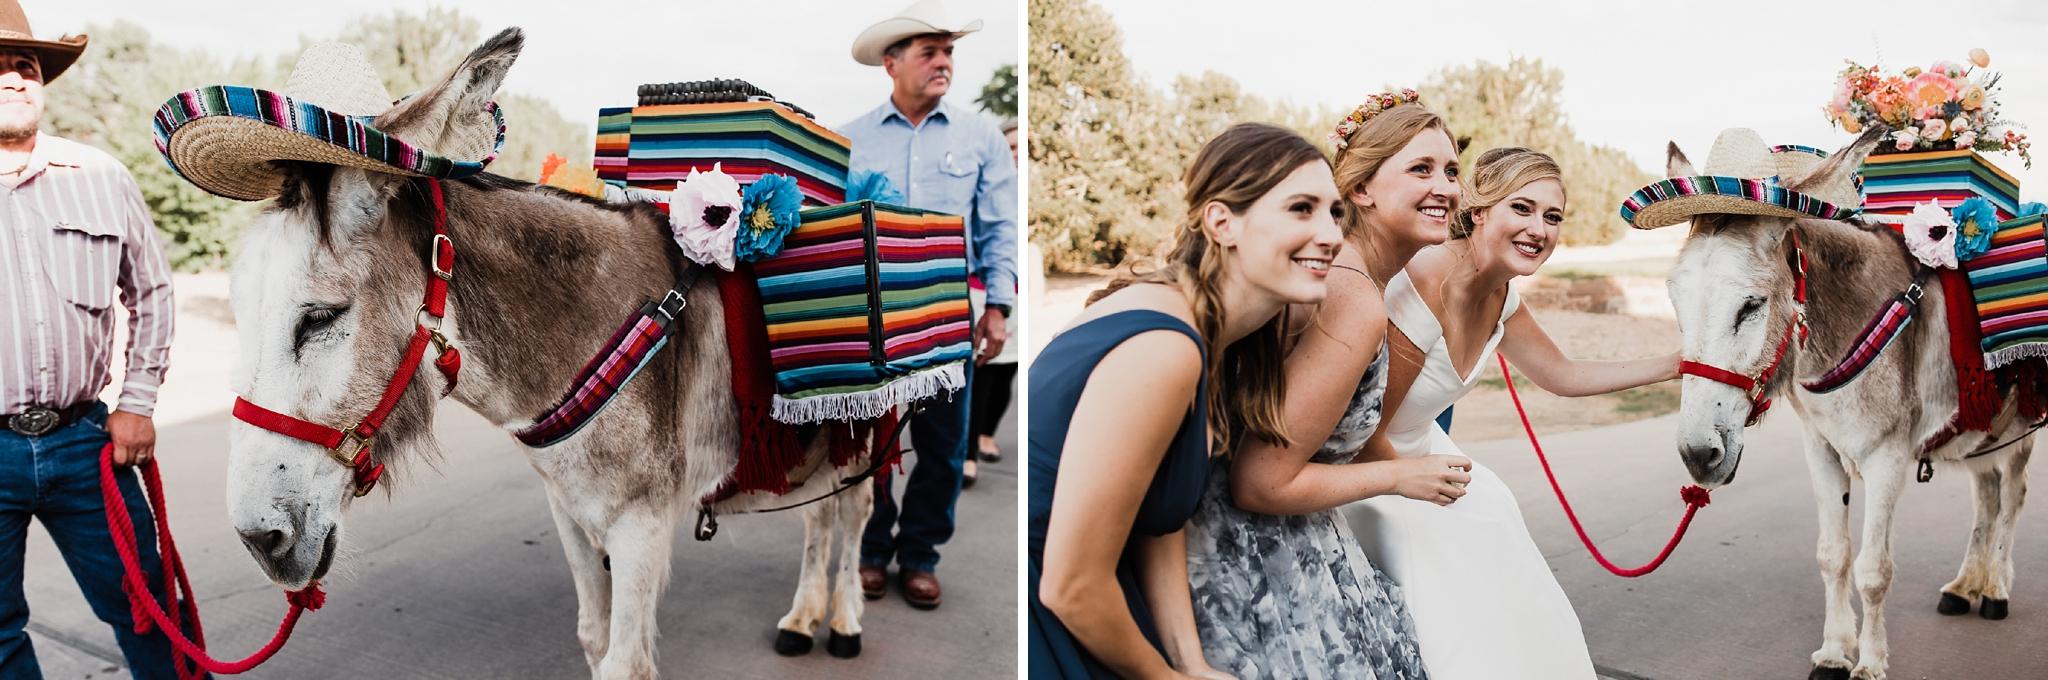 Alicia+lucia+photography+-+albuquerque+wedding+photographer+-+santa+fe+wedding+photography+-+new+mexico+wedding+photographer+-+new+mexico+wedding+-+las+campanas+wedding+-+santa+fe+wedding+-+maximalist+wedding+-+destination+wedding_0112.jpg